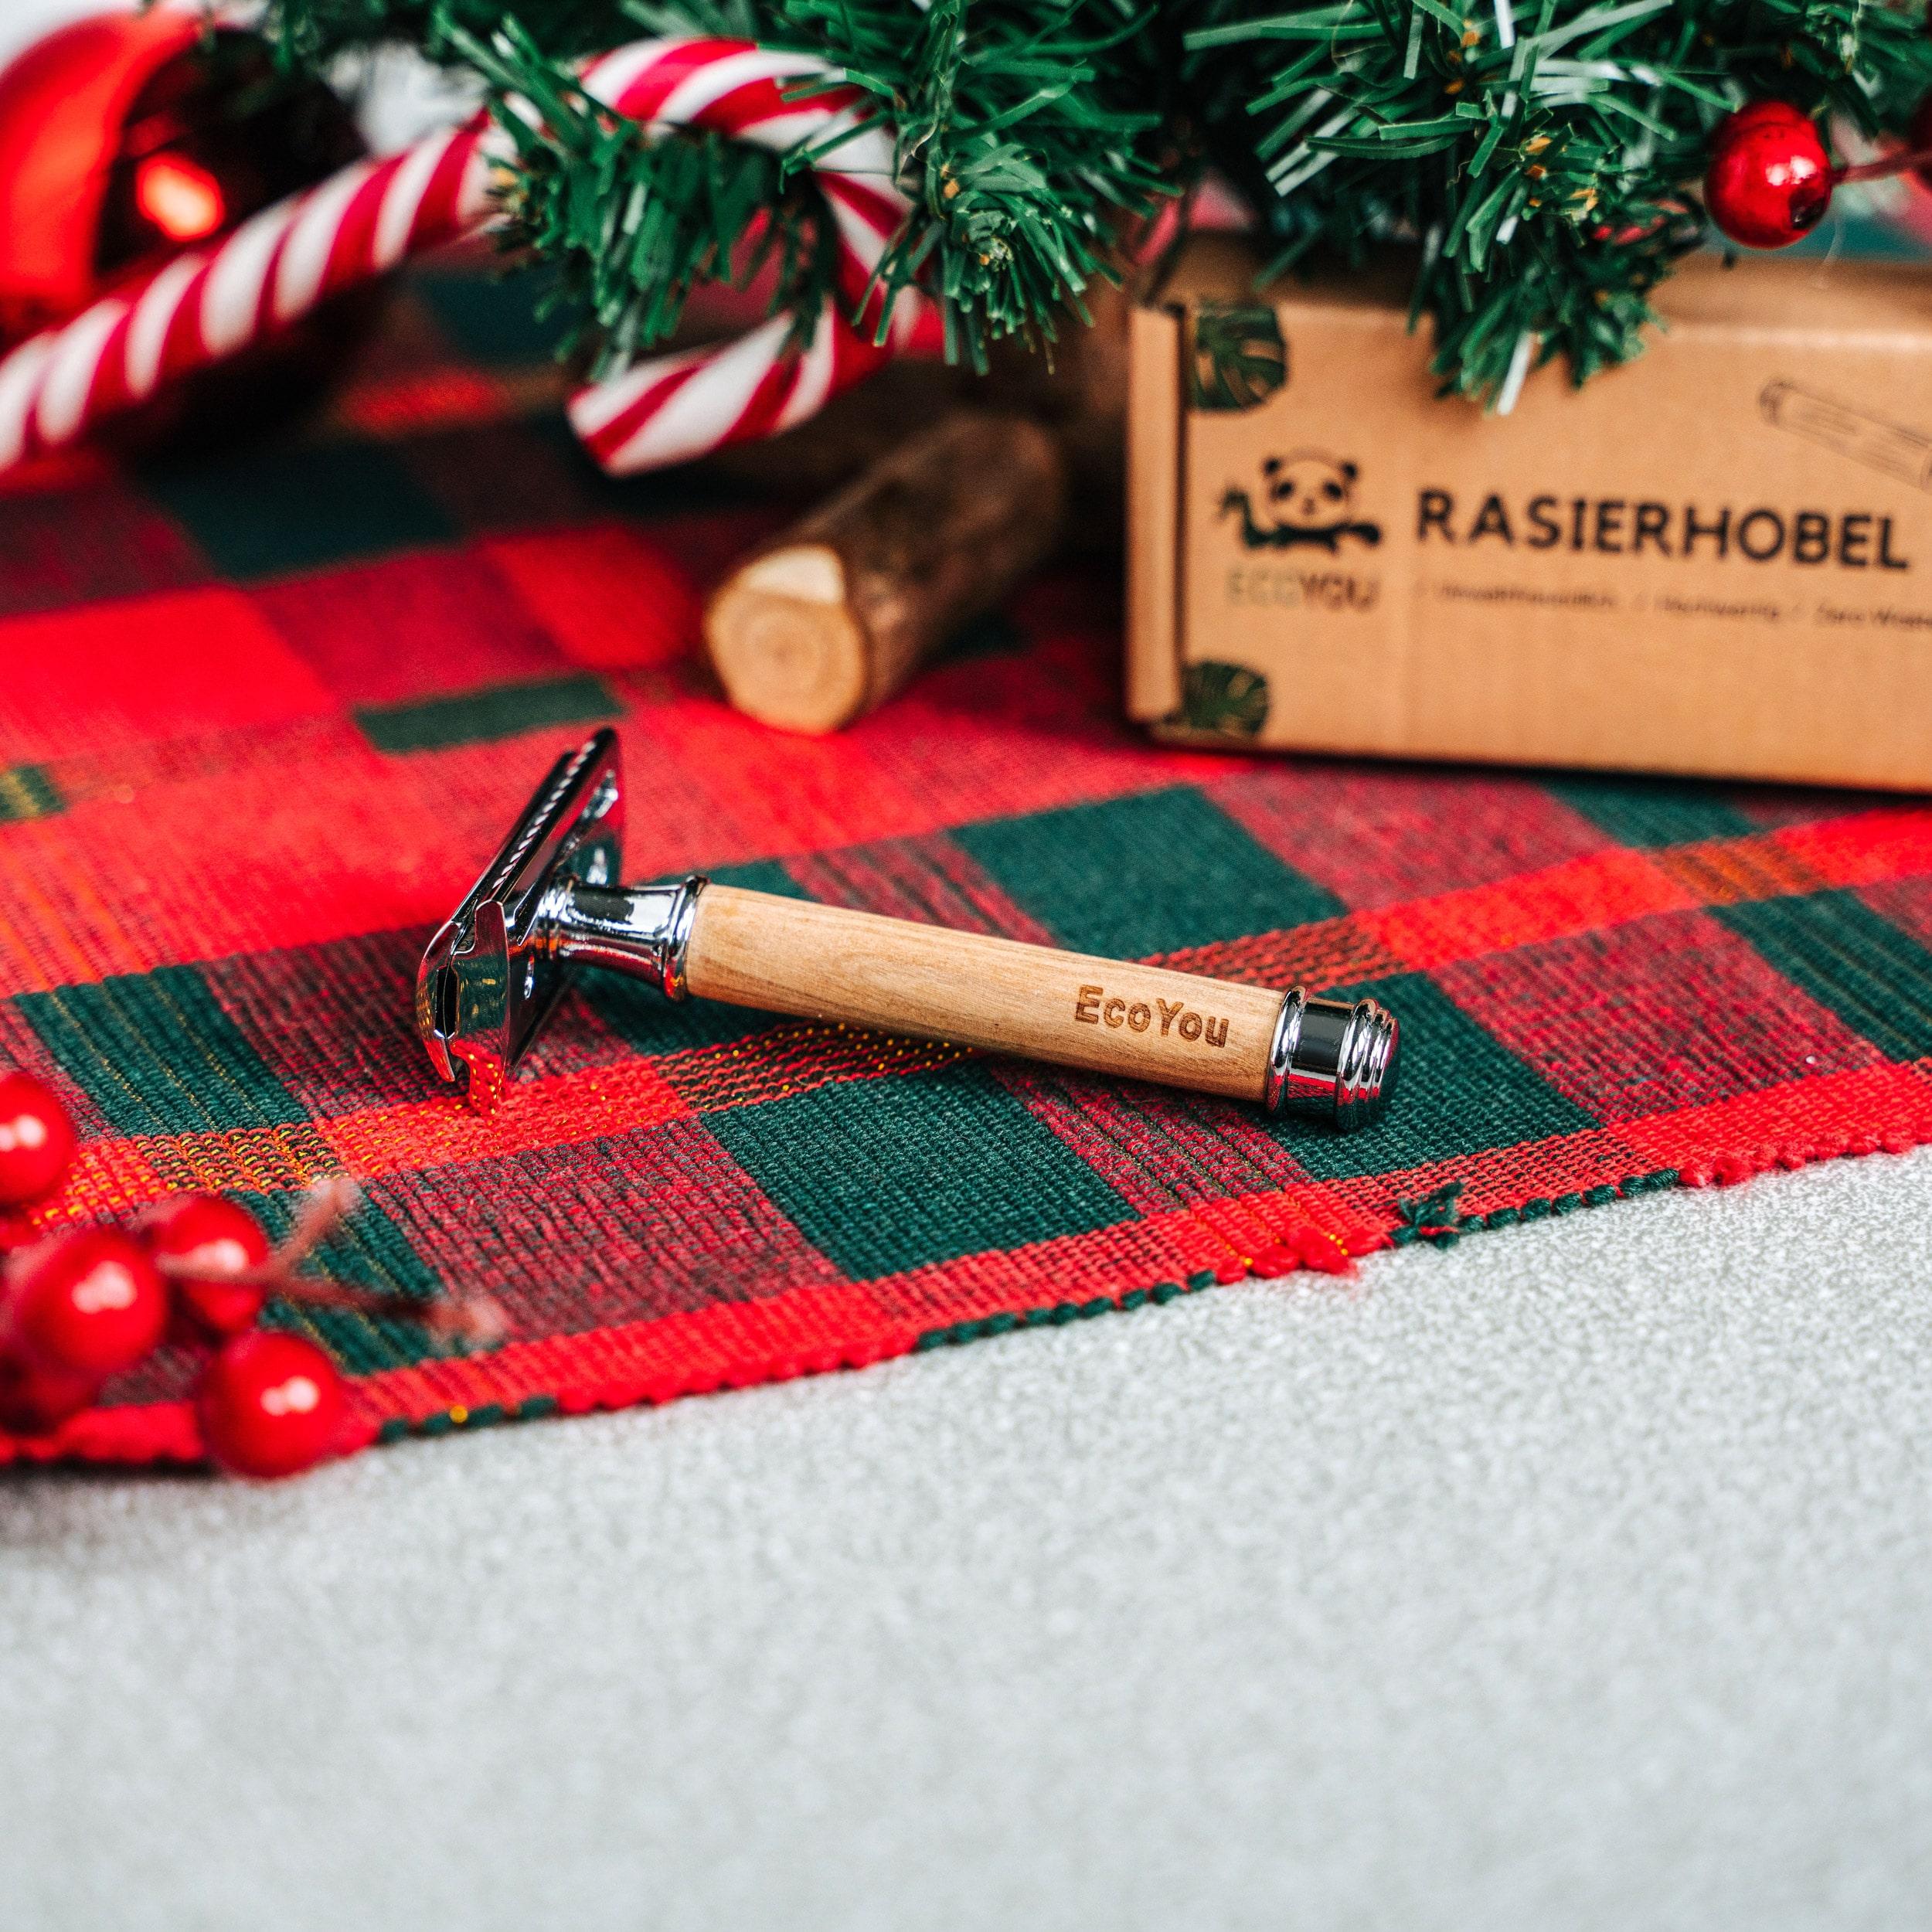 Nachhaltige Weihnachtsgeschenke EcoYou Rasierhobel Weihnachten